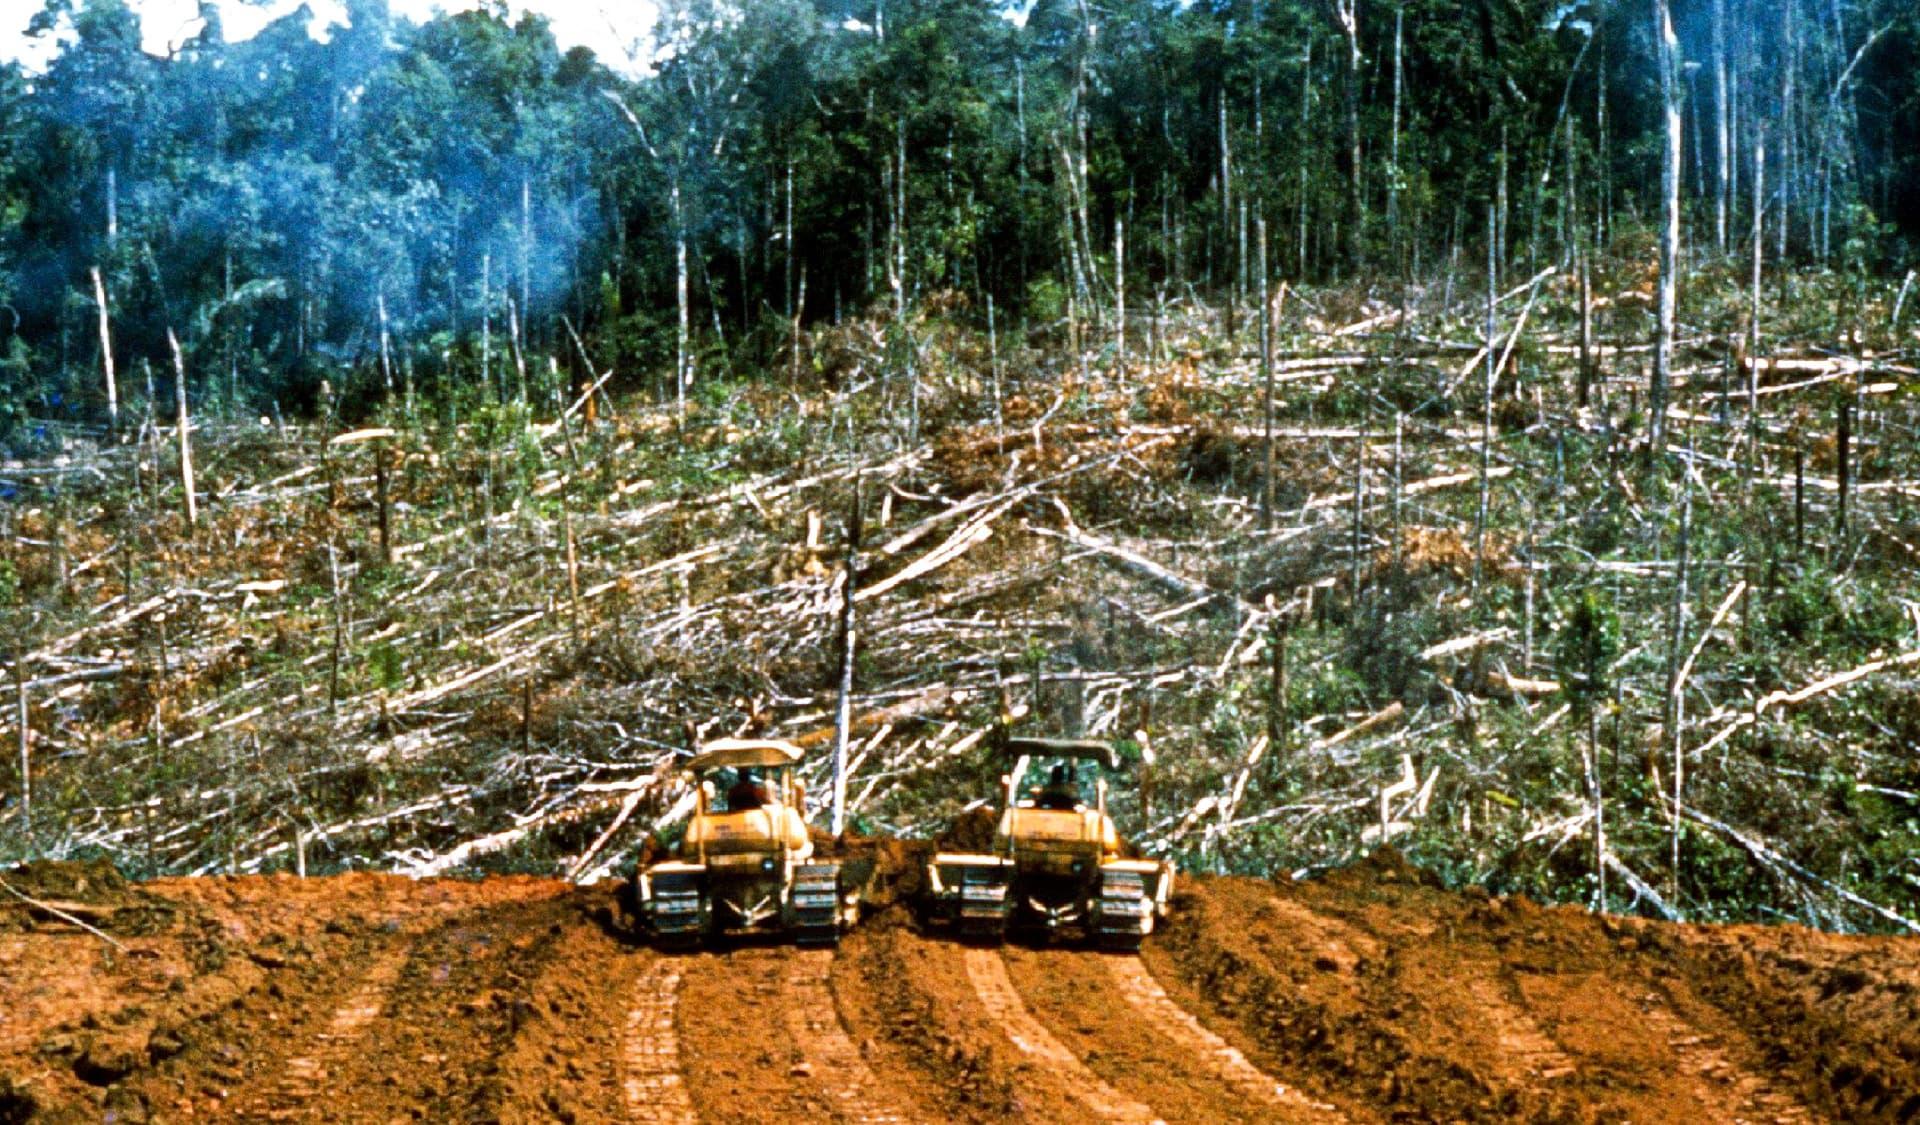 Zwei Bulldozer stehem am Waldrand vor gefällten Bäumen.